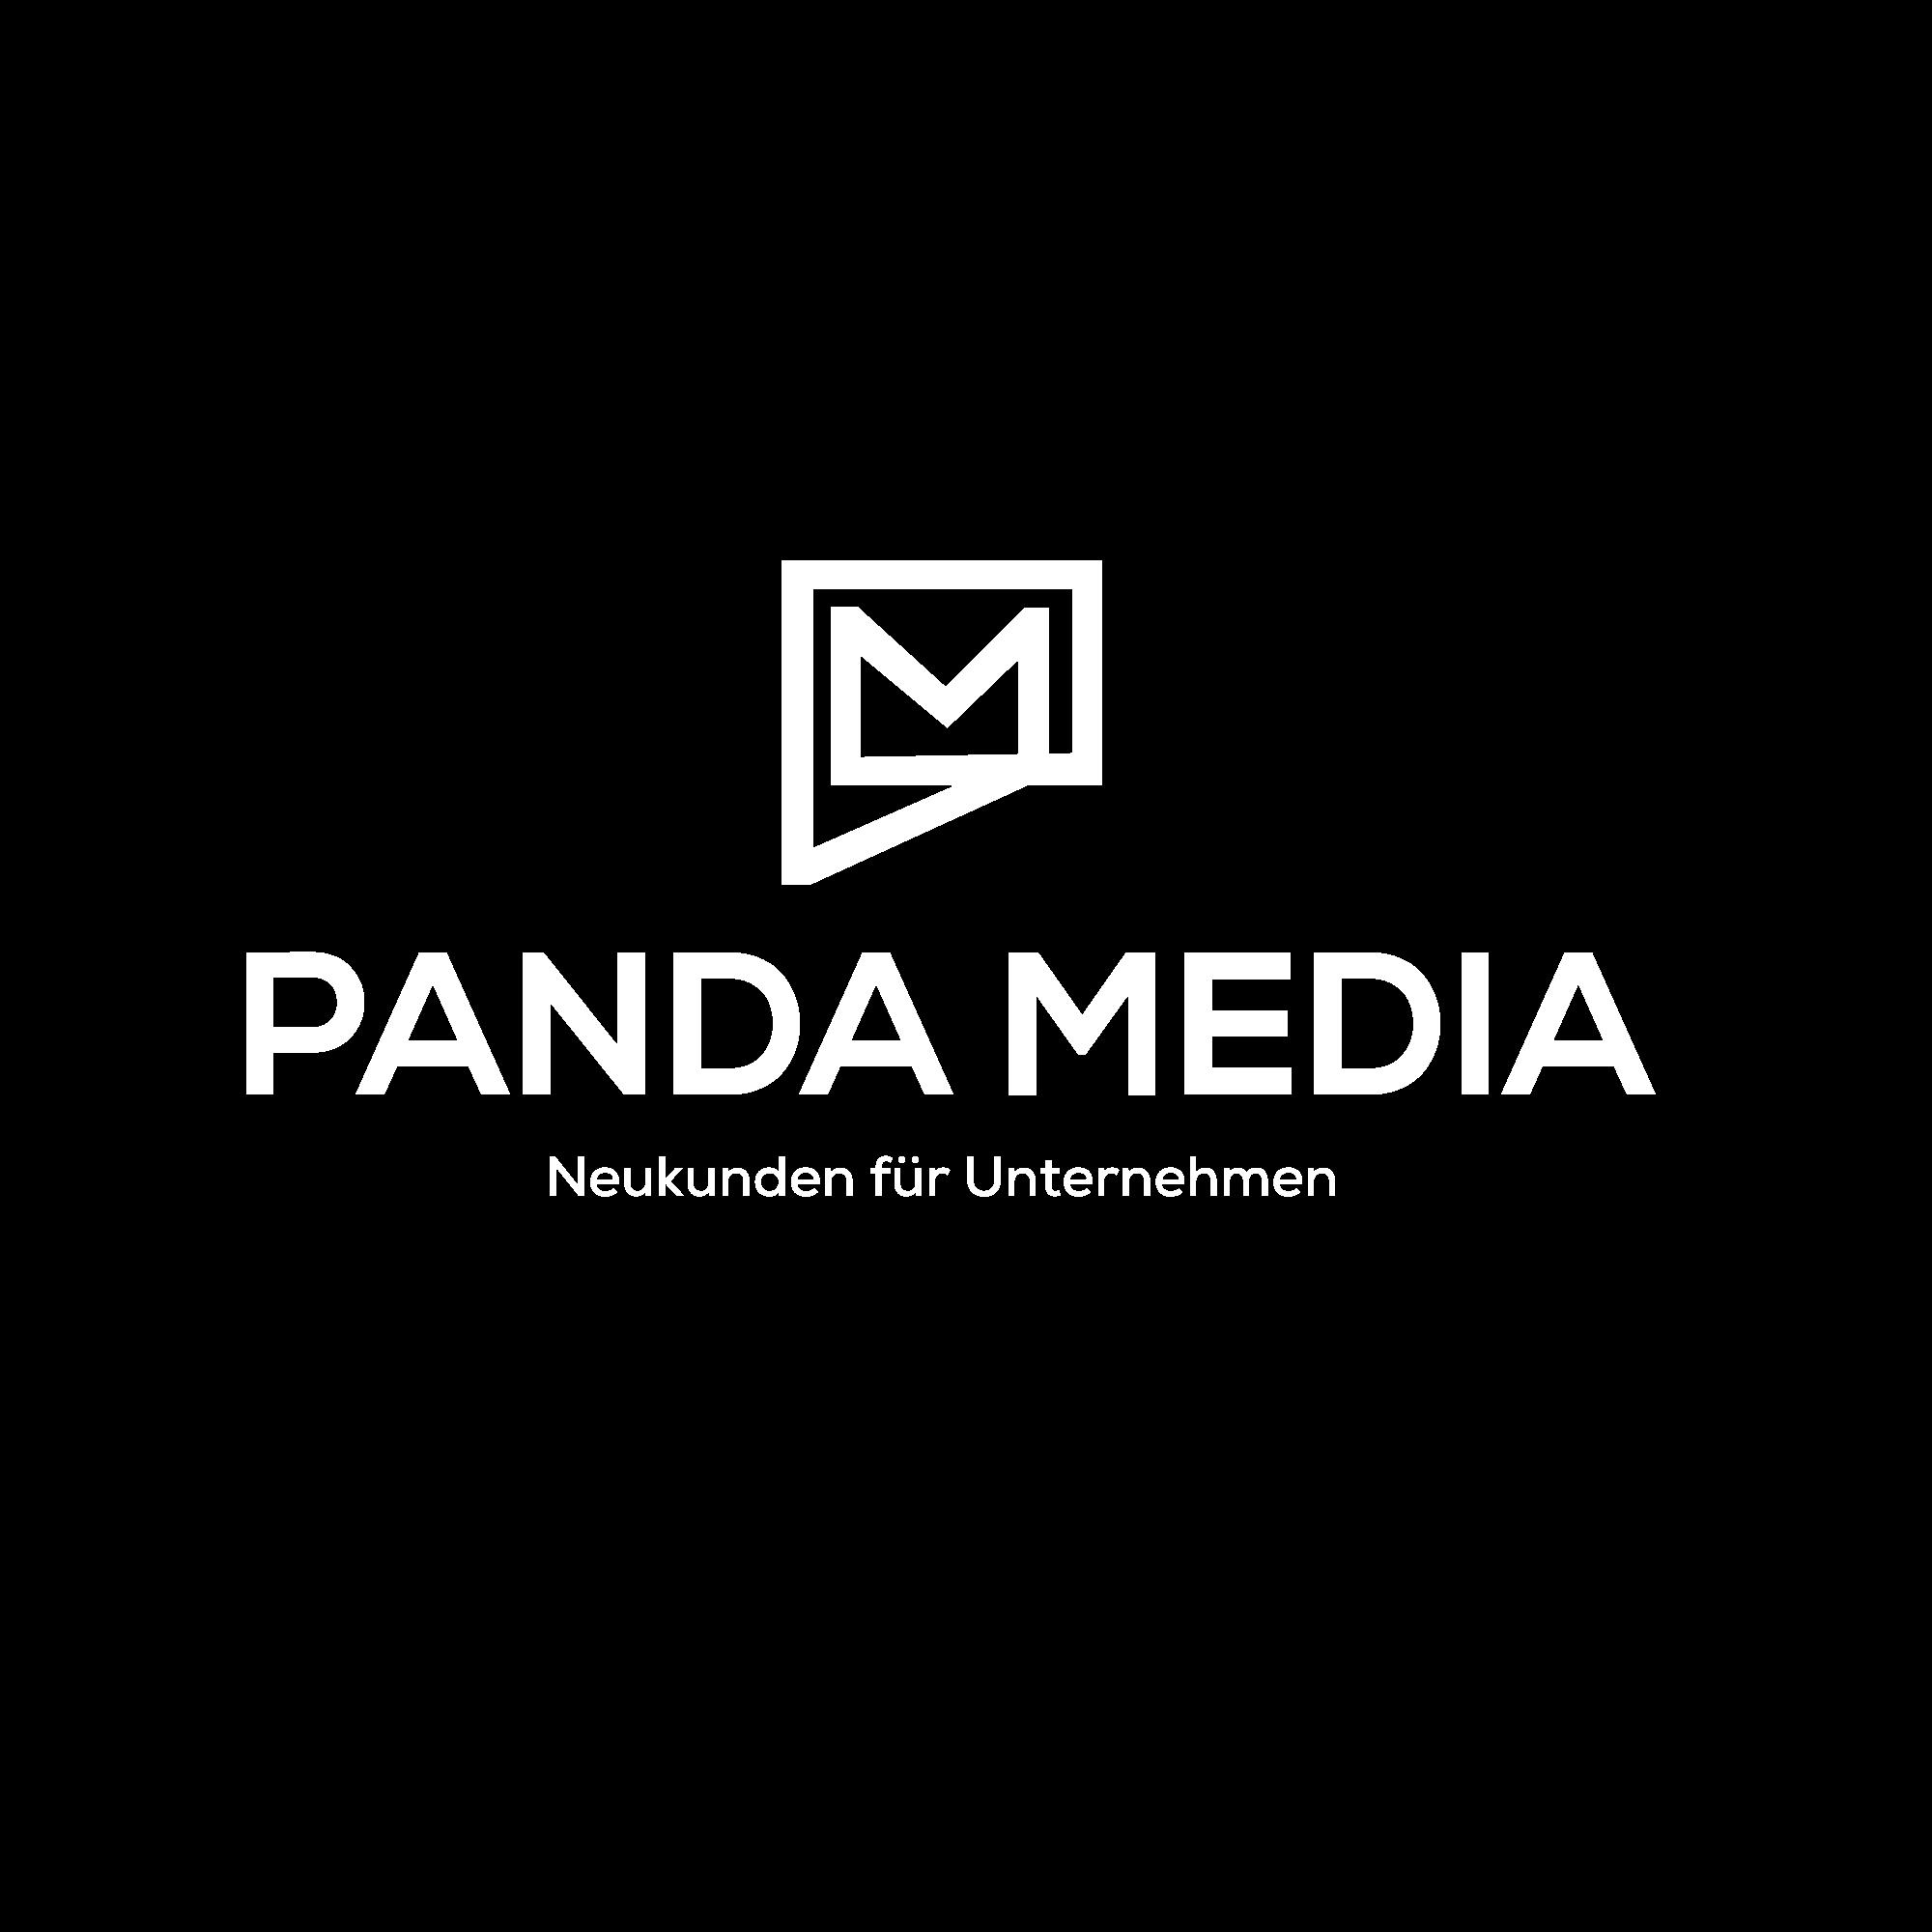 PANDA MEDIA - Inbound Marketing Agentur Nürnberg